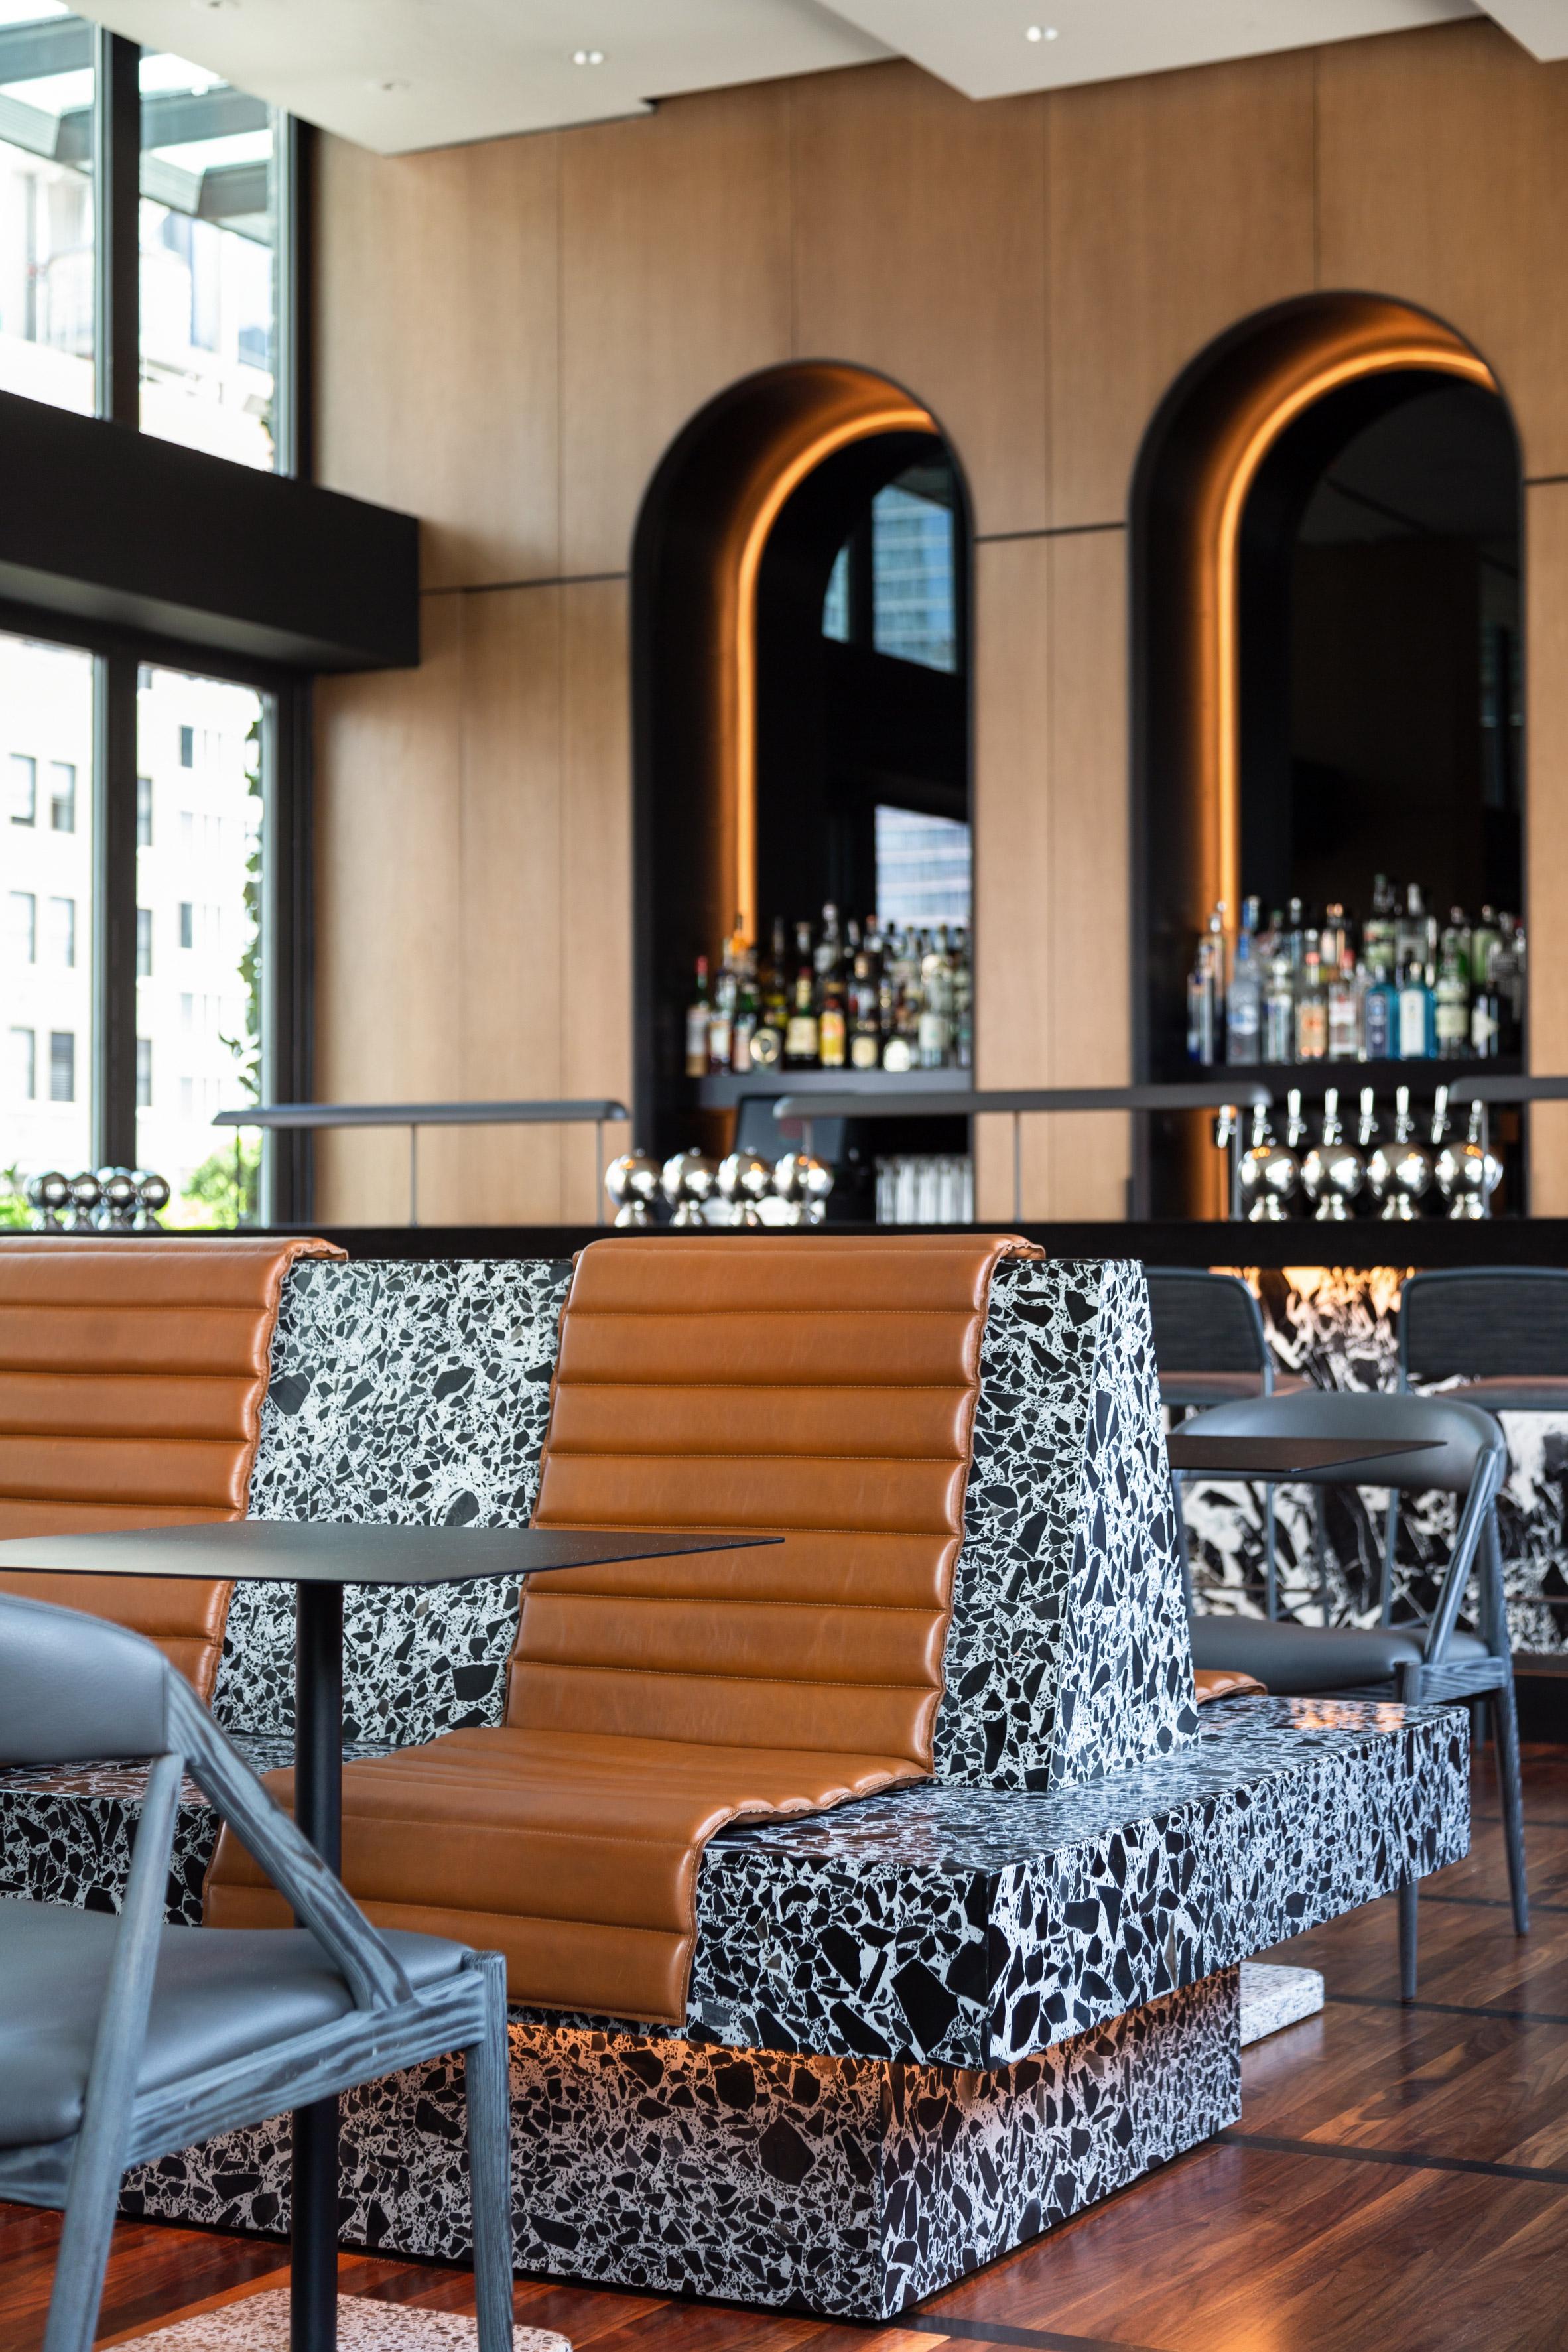 Castell bar by BHDM